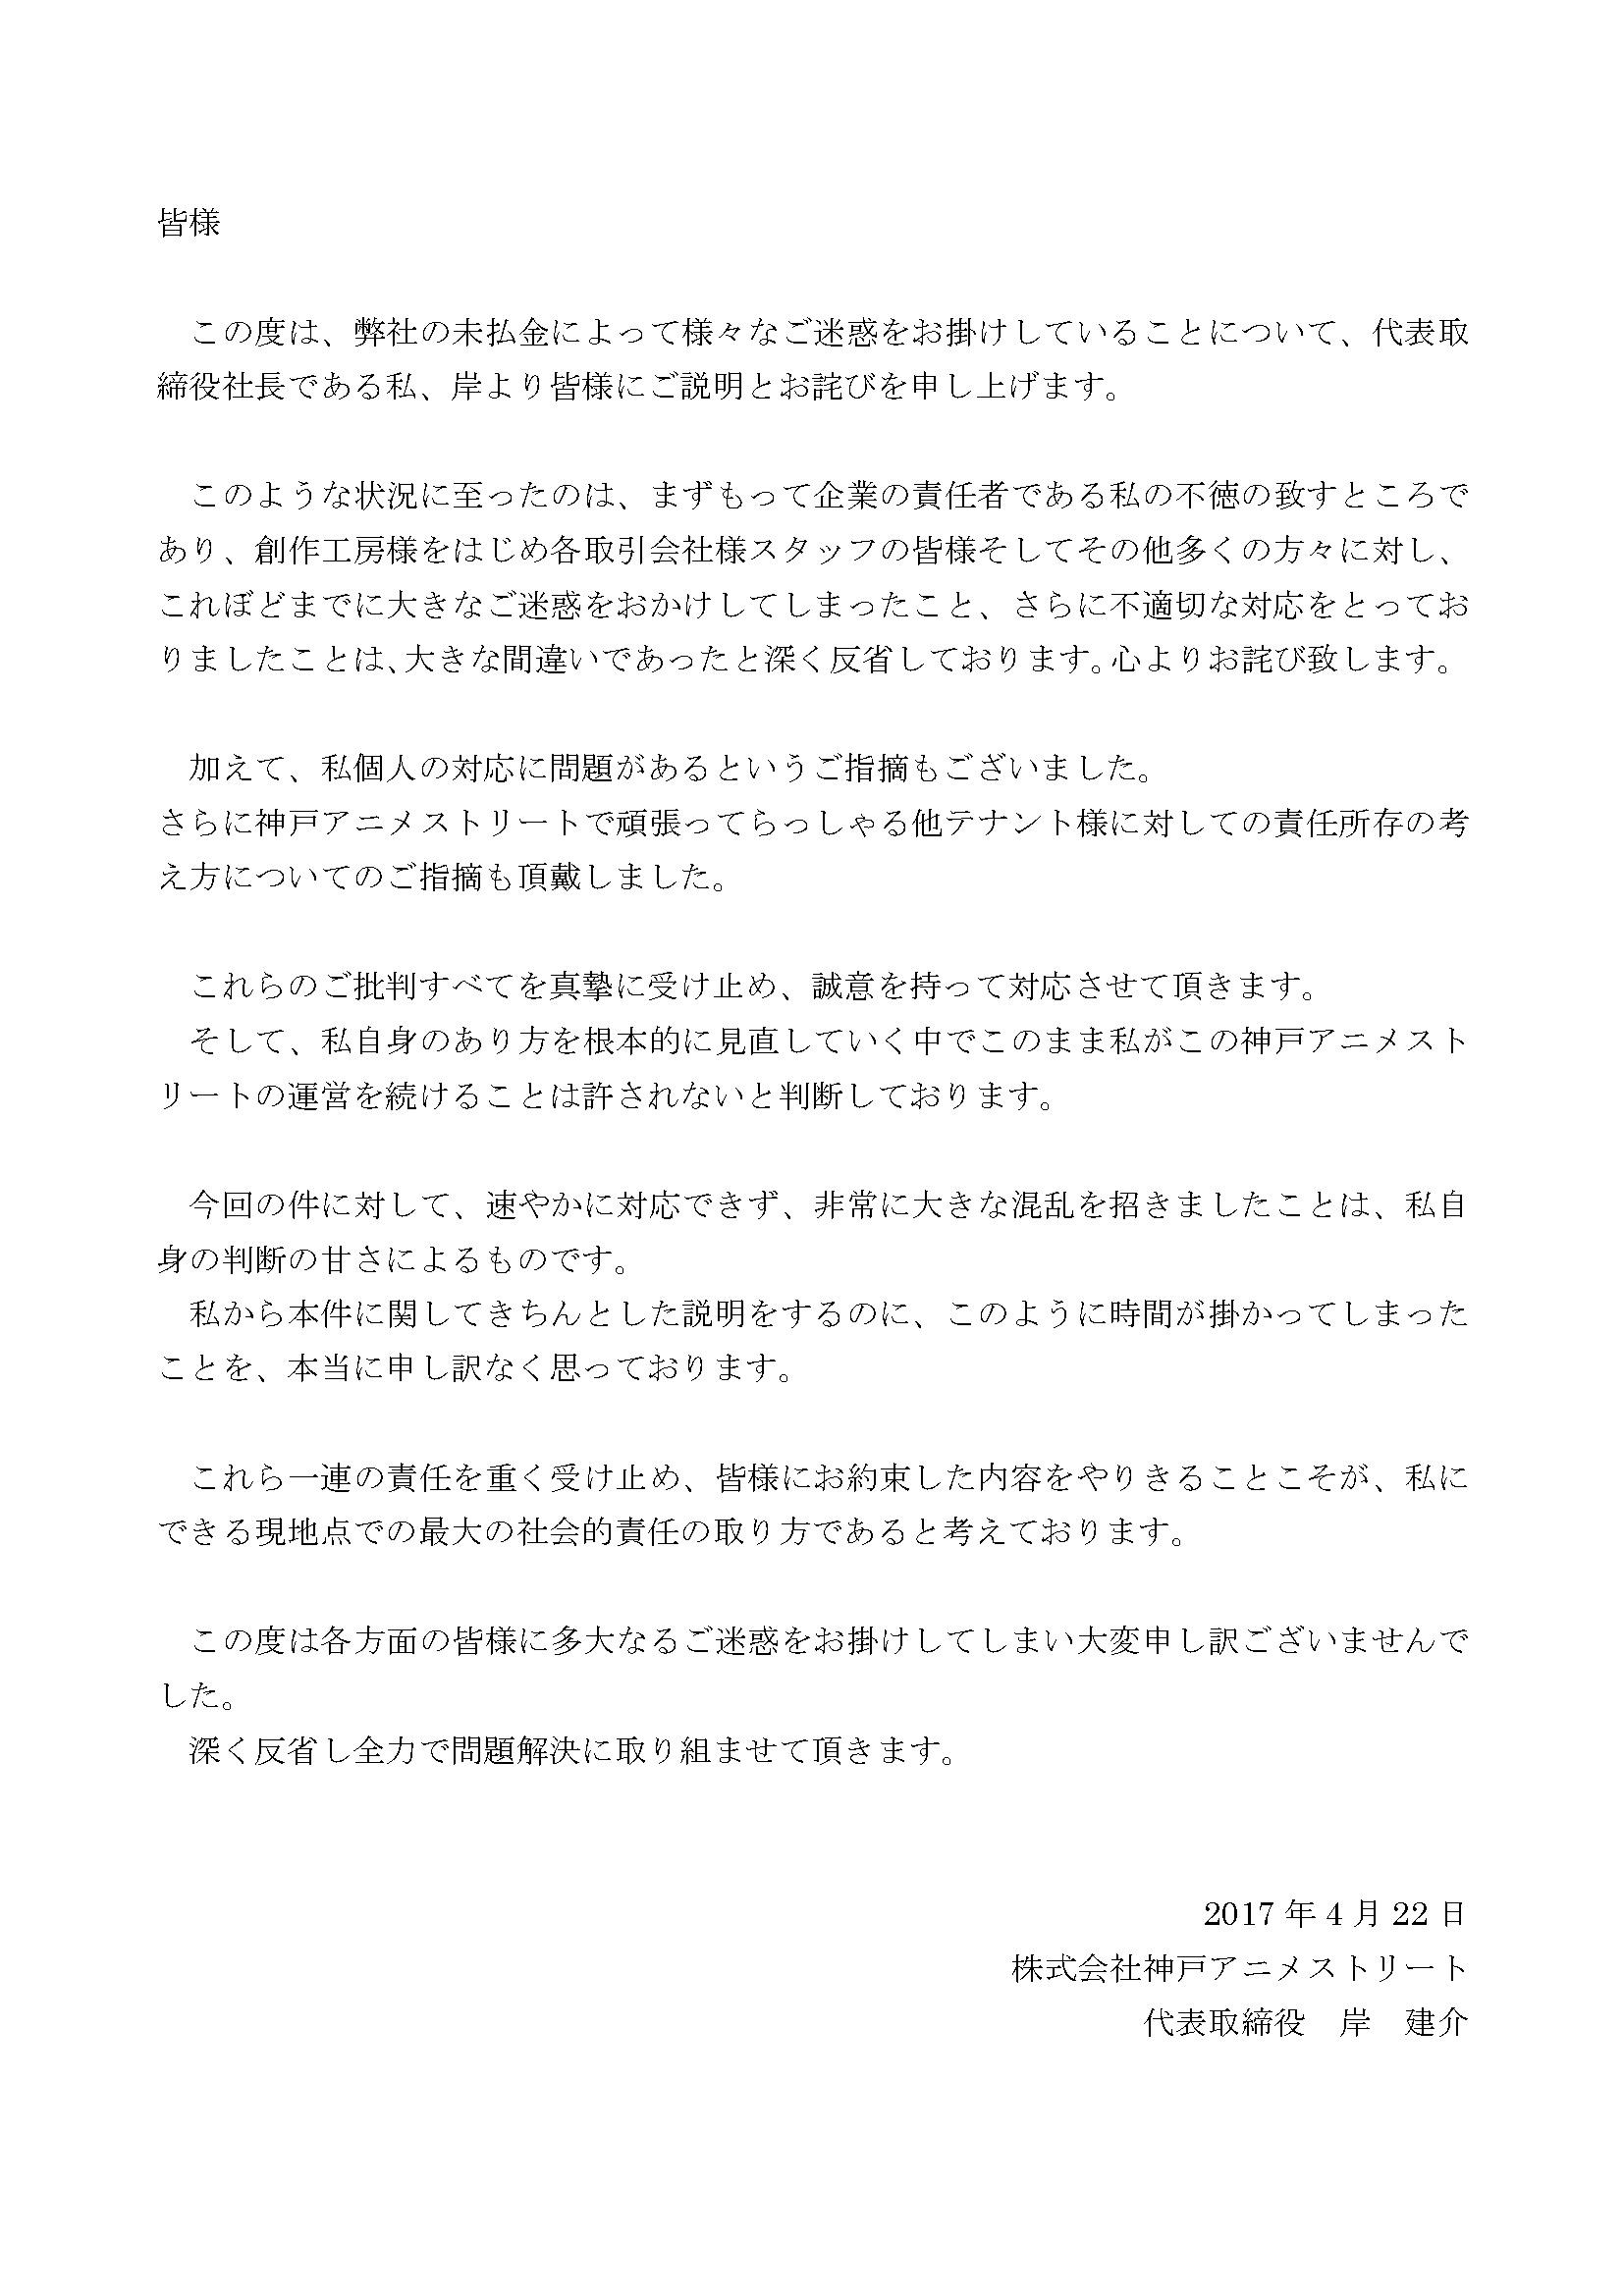 20170423神戸アニメストリートのプレスリリース